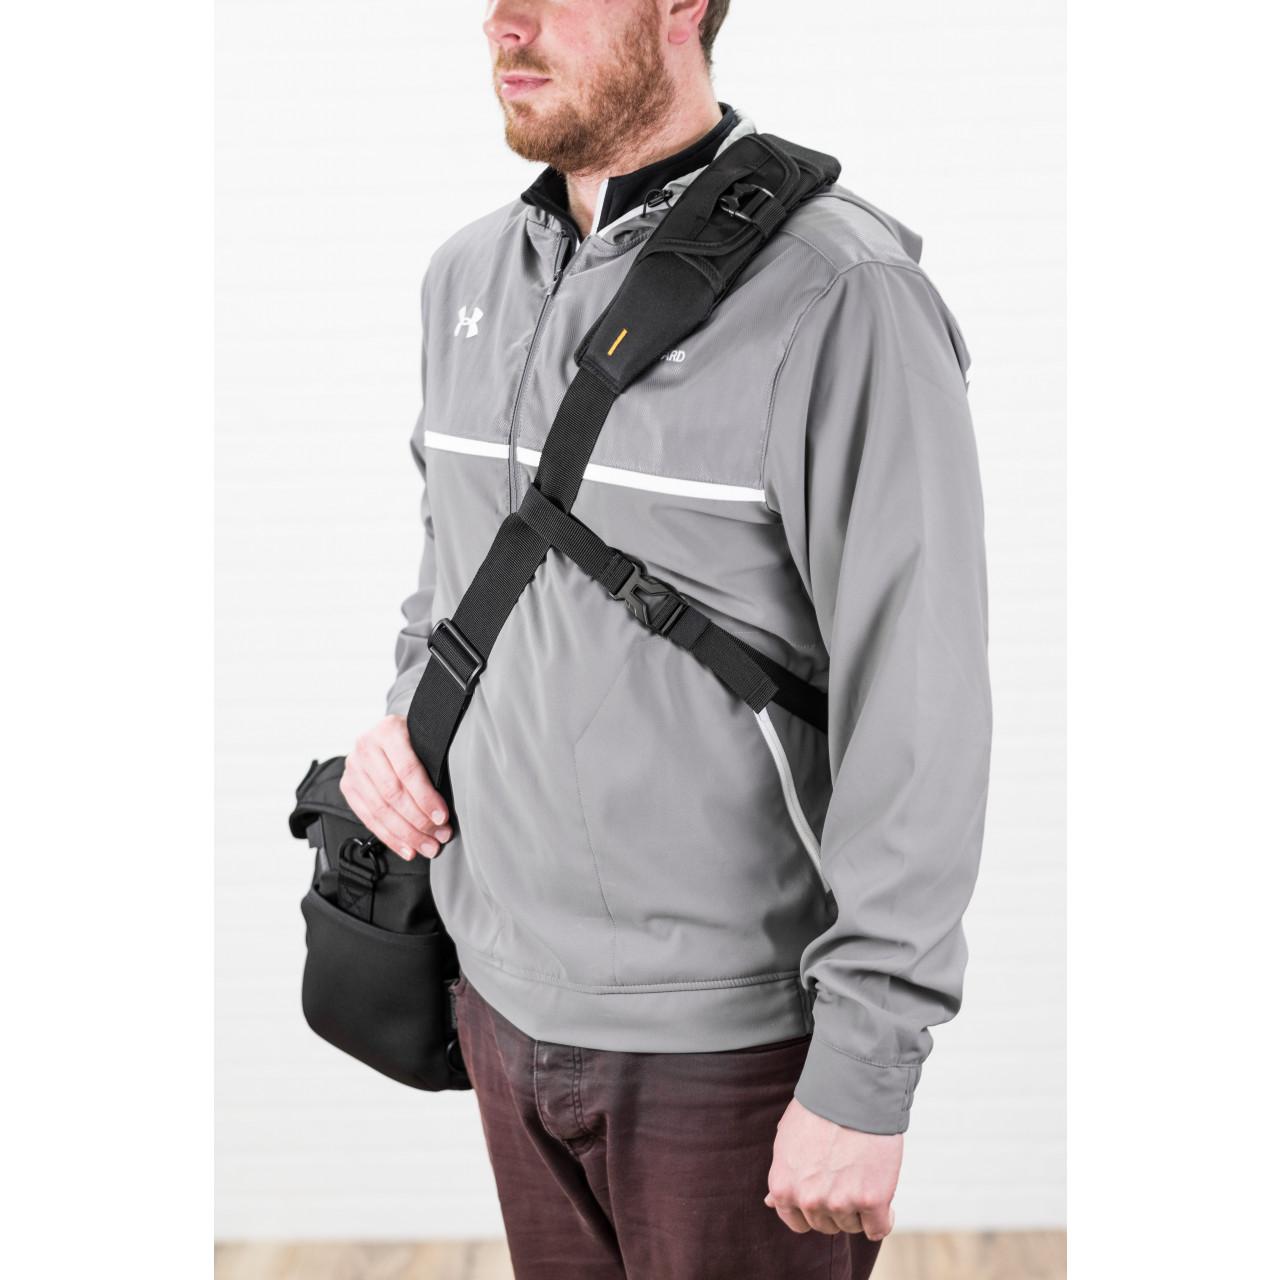 Vanguard Alta ACCESS 28X Shoulder Bag